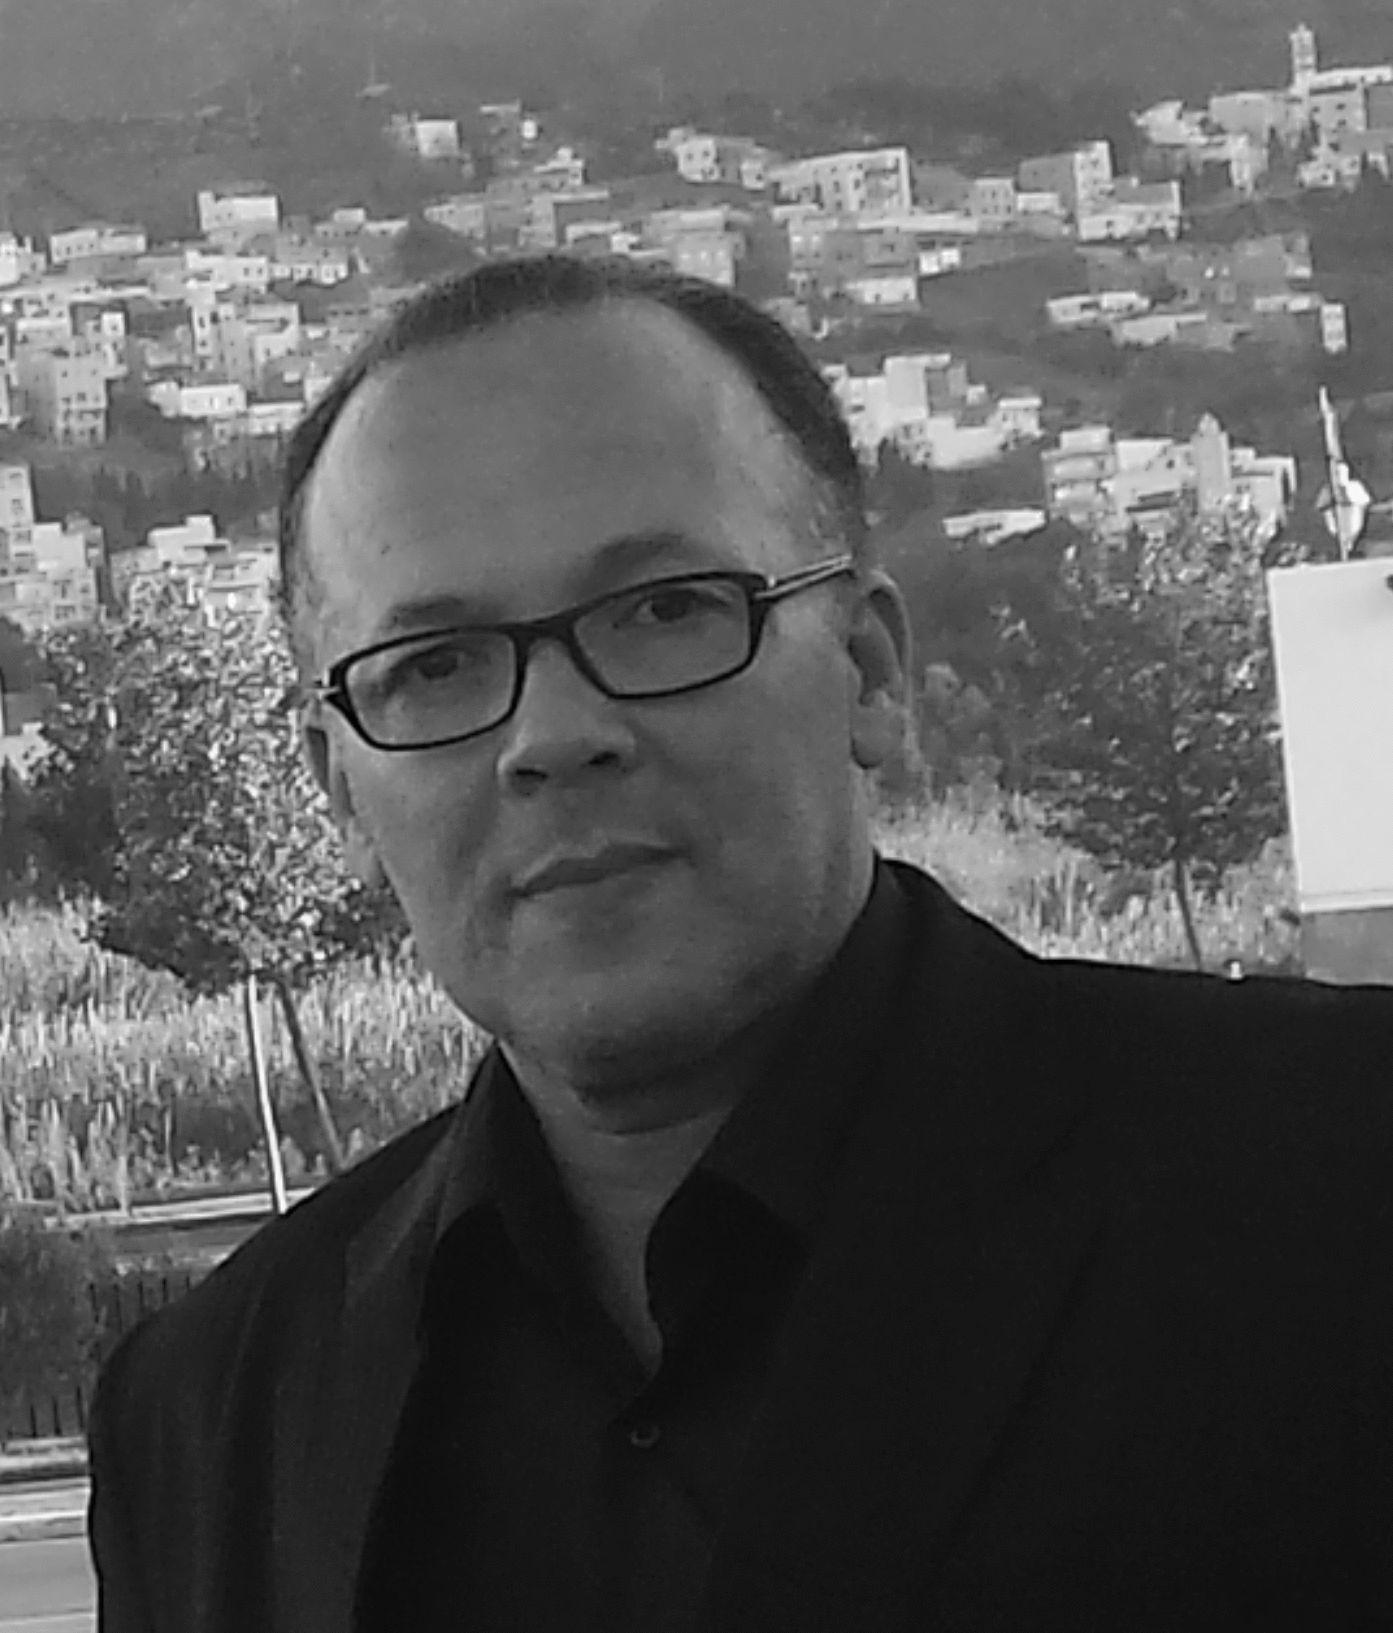 أحمد المريني Headshot